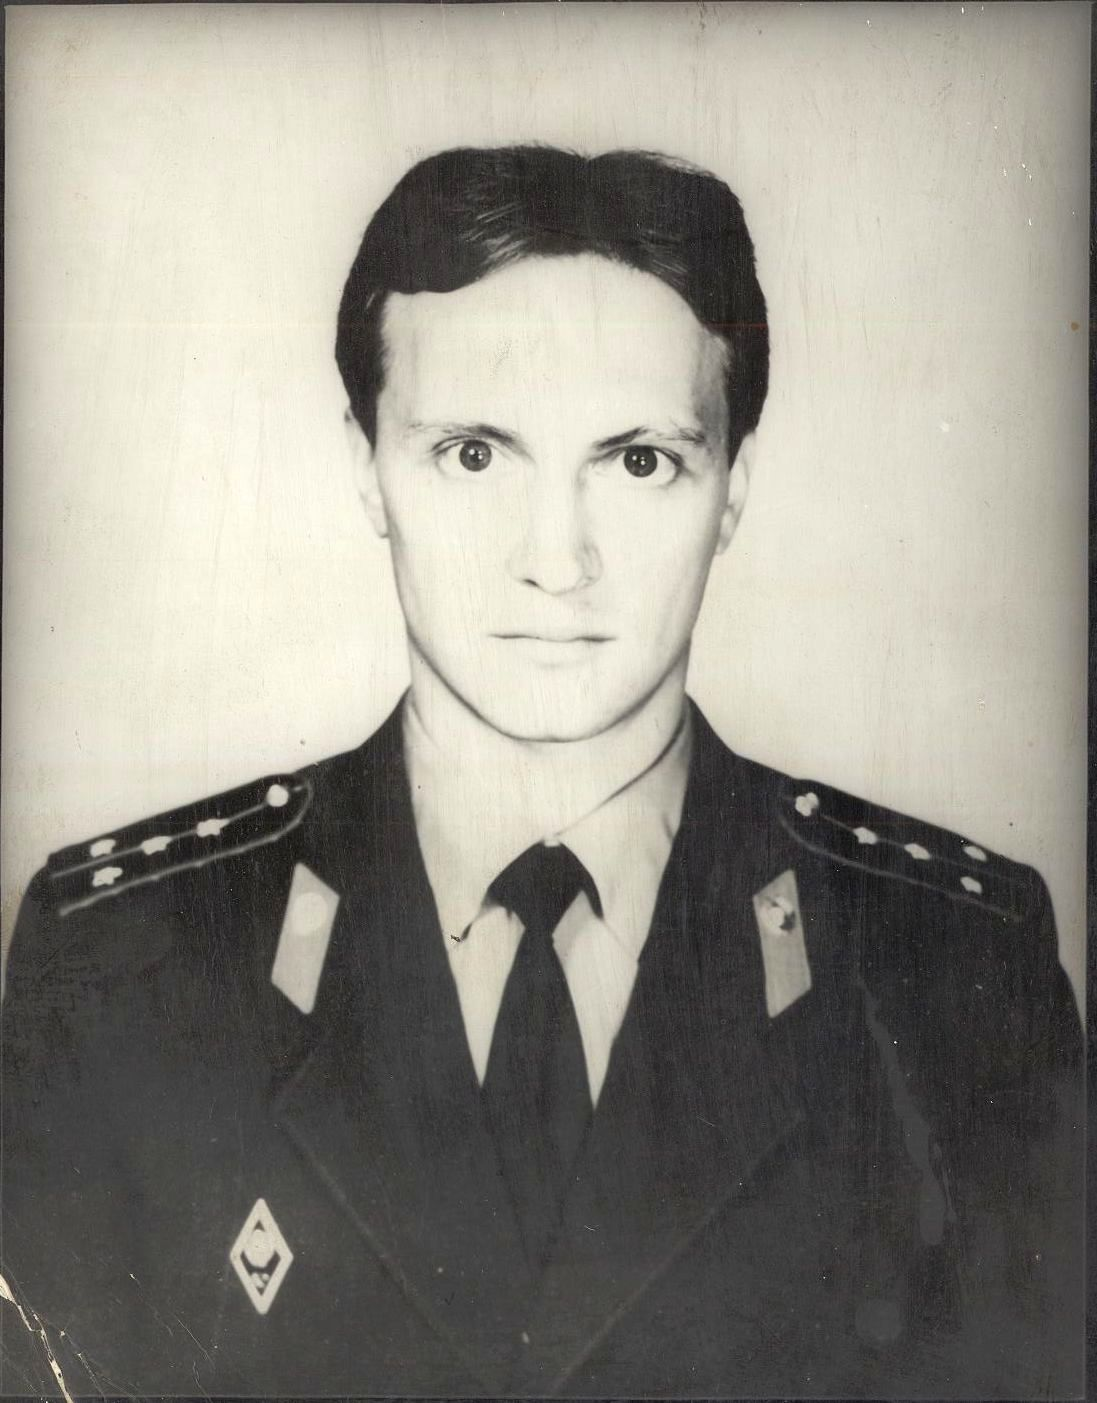 Выпускник школы №16 города Кемерово 1975 года. Старший оперуполномоченный по особо важным делам оперативно-розыскного бюро УВД Кемеровской области.